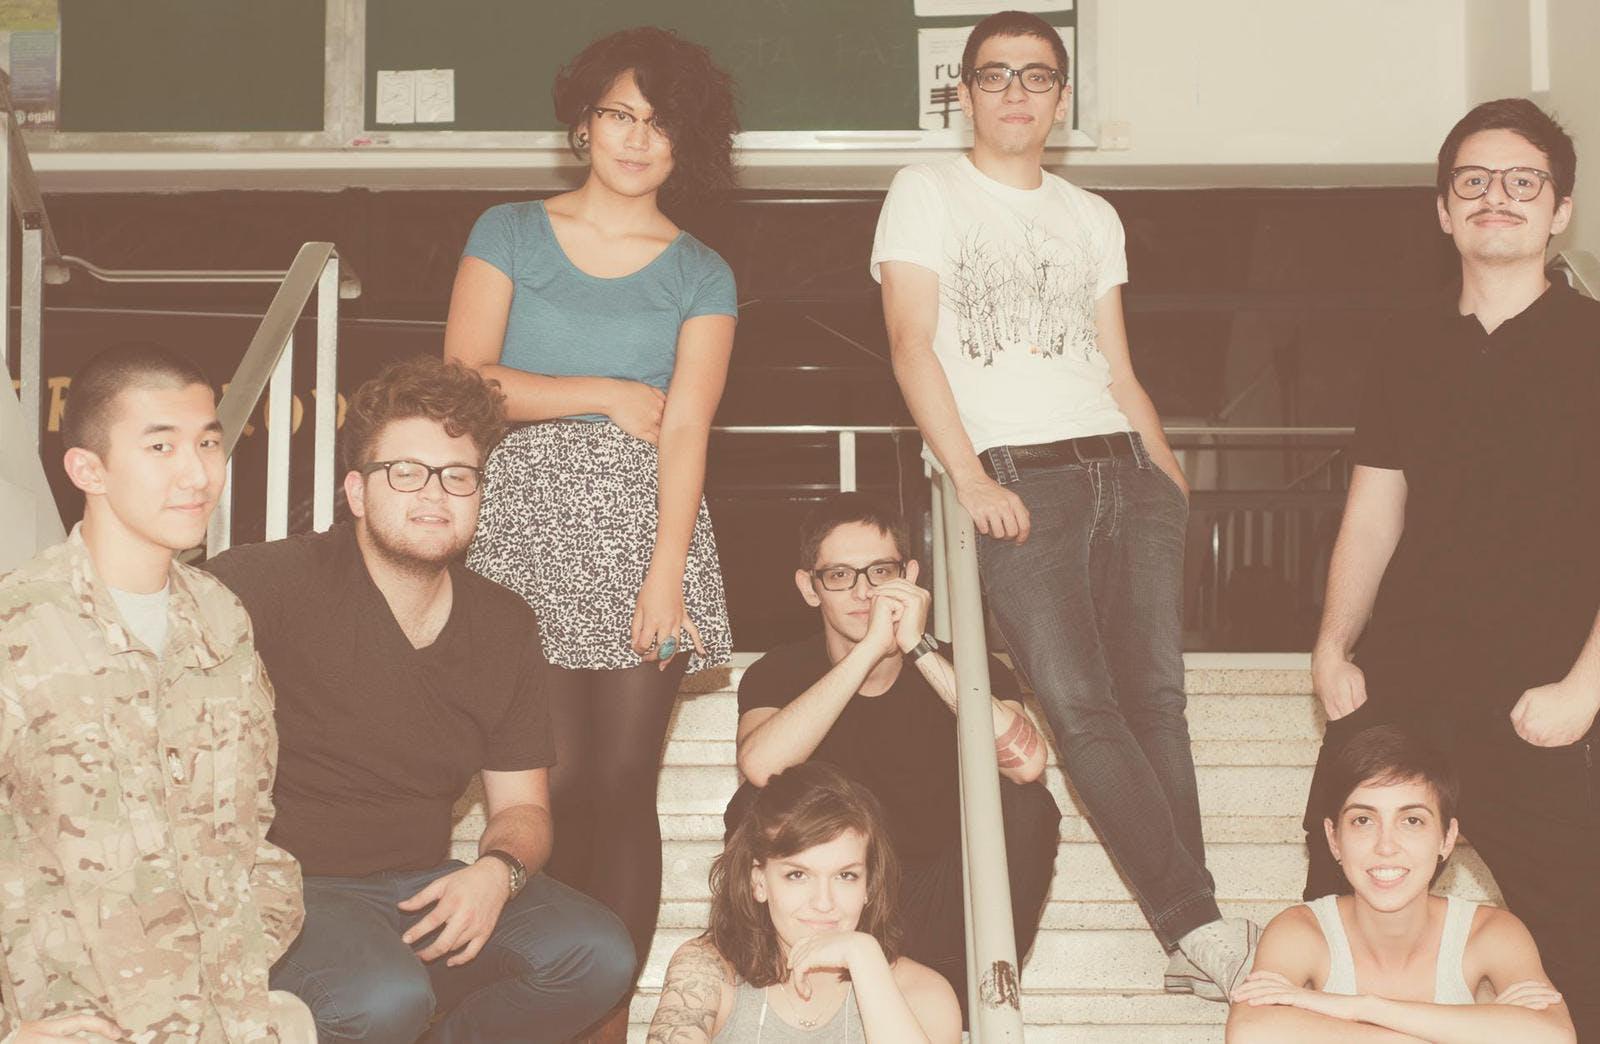 Imagem com oito pessoas numa escada. Algumas estão sentadas e outras em pé.